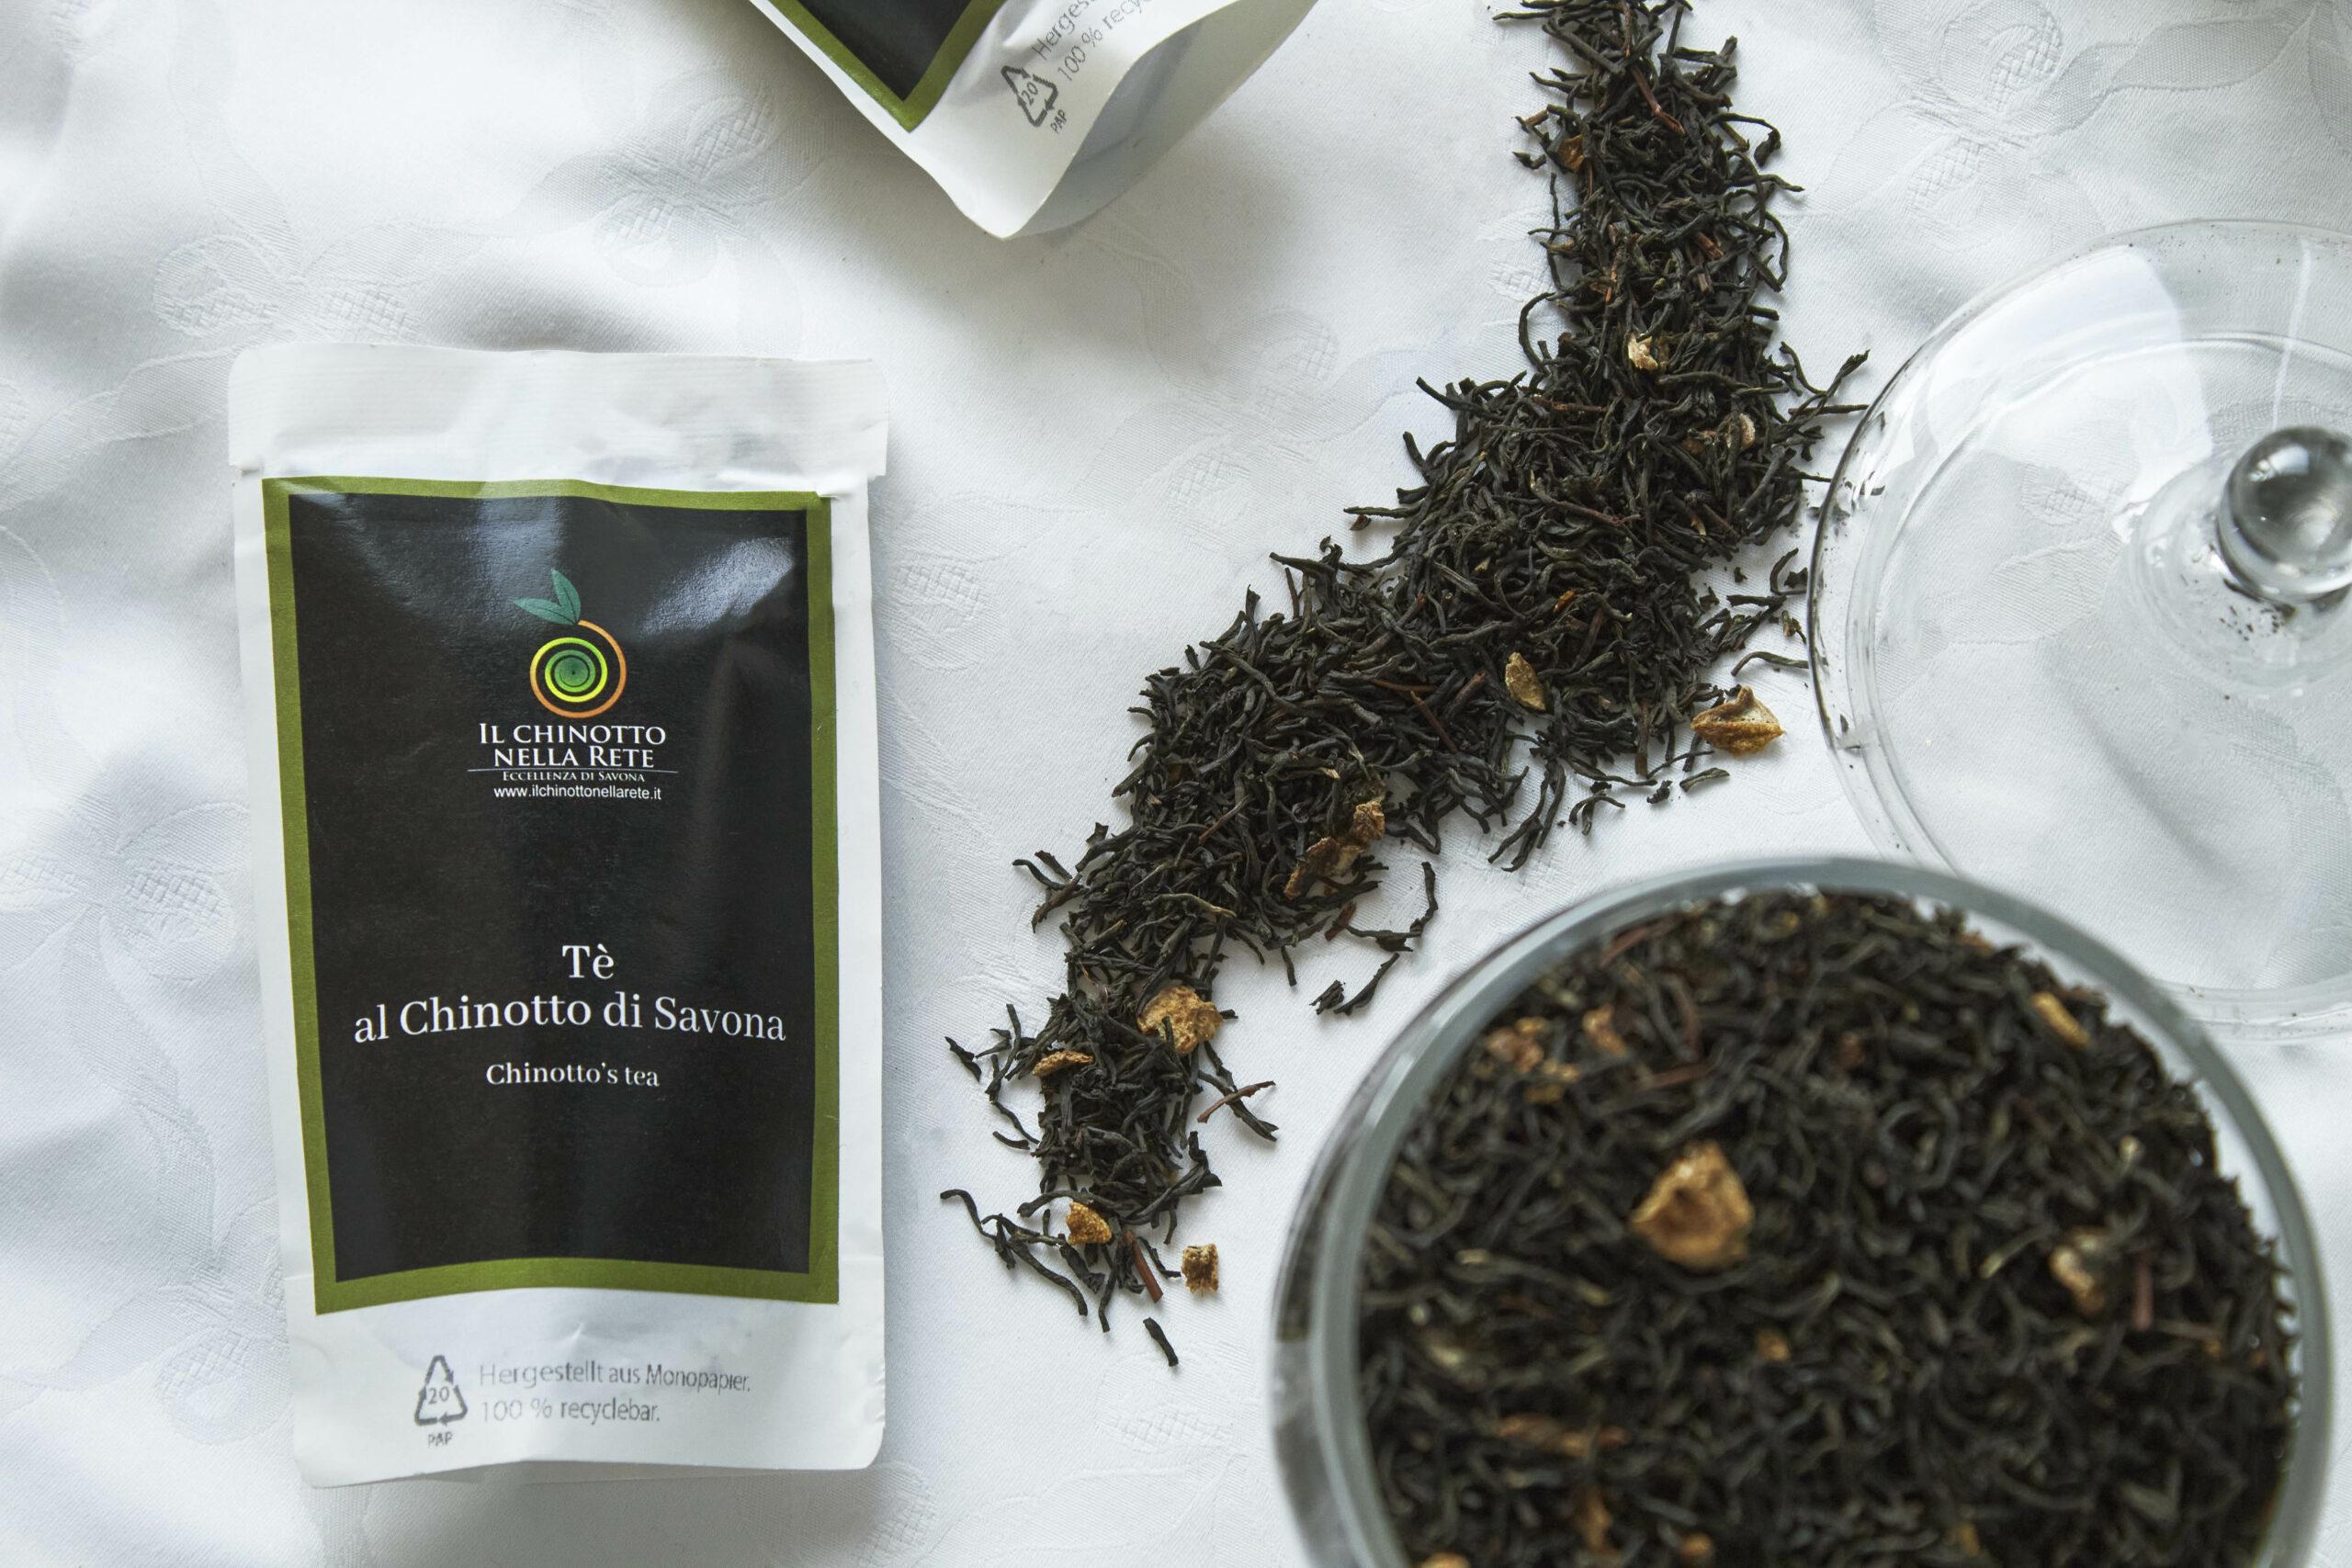 Tè al chinotto